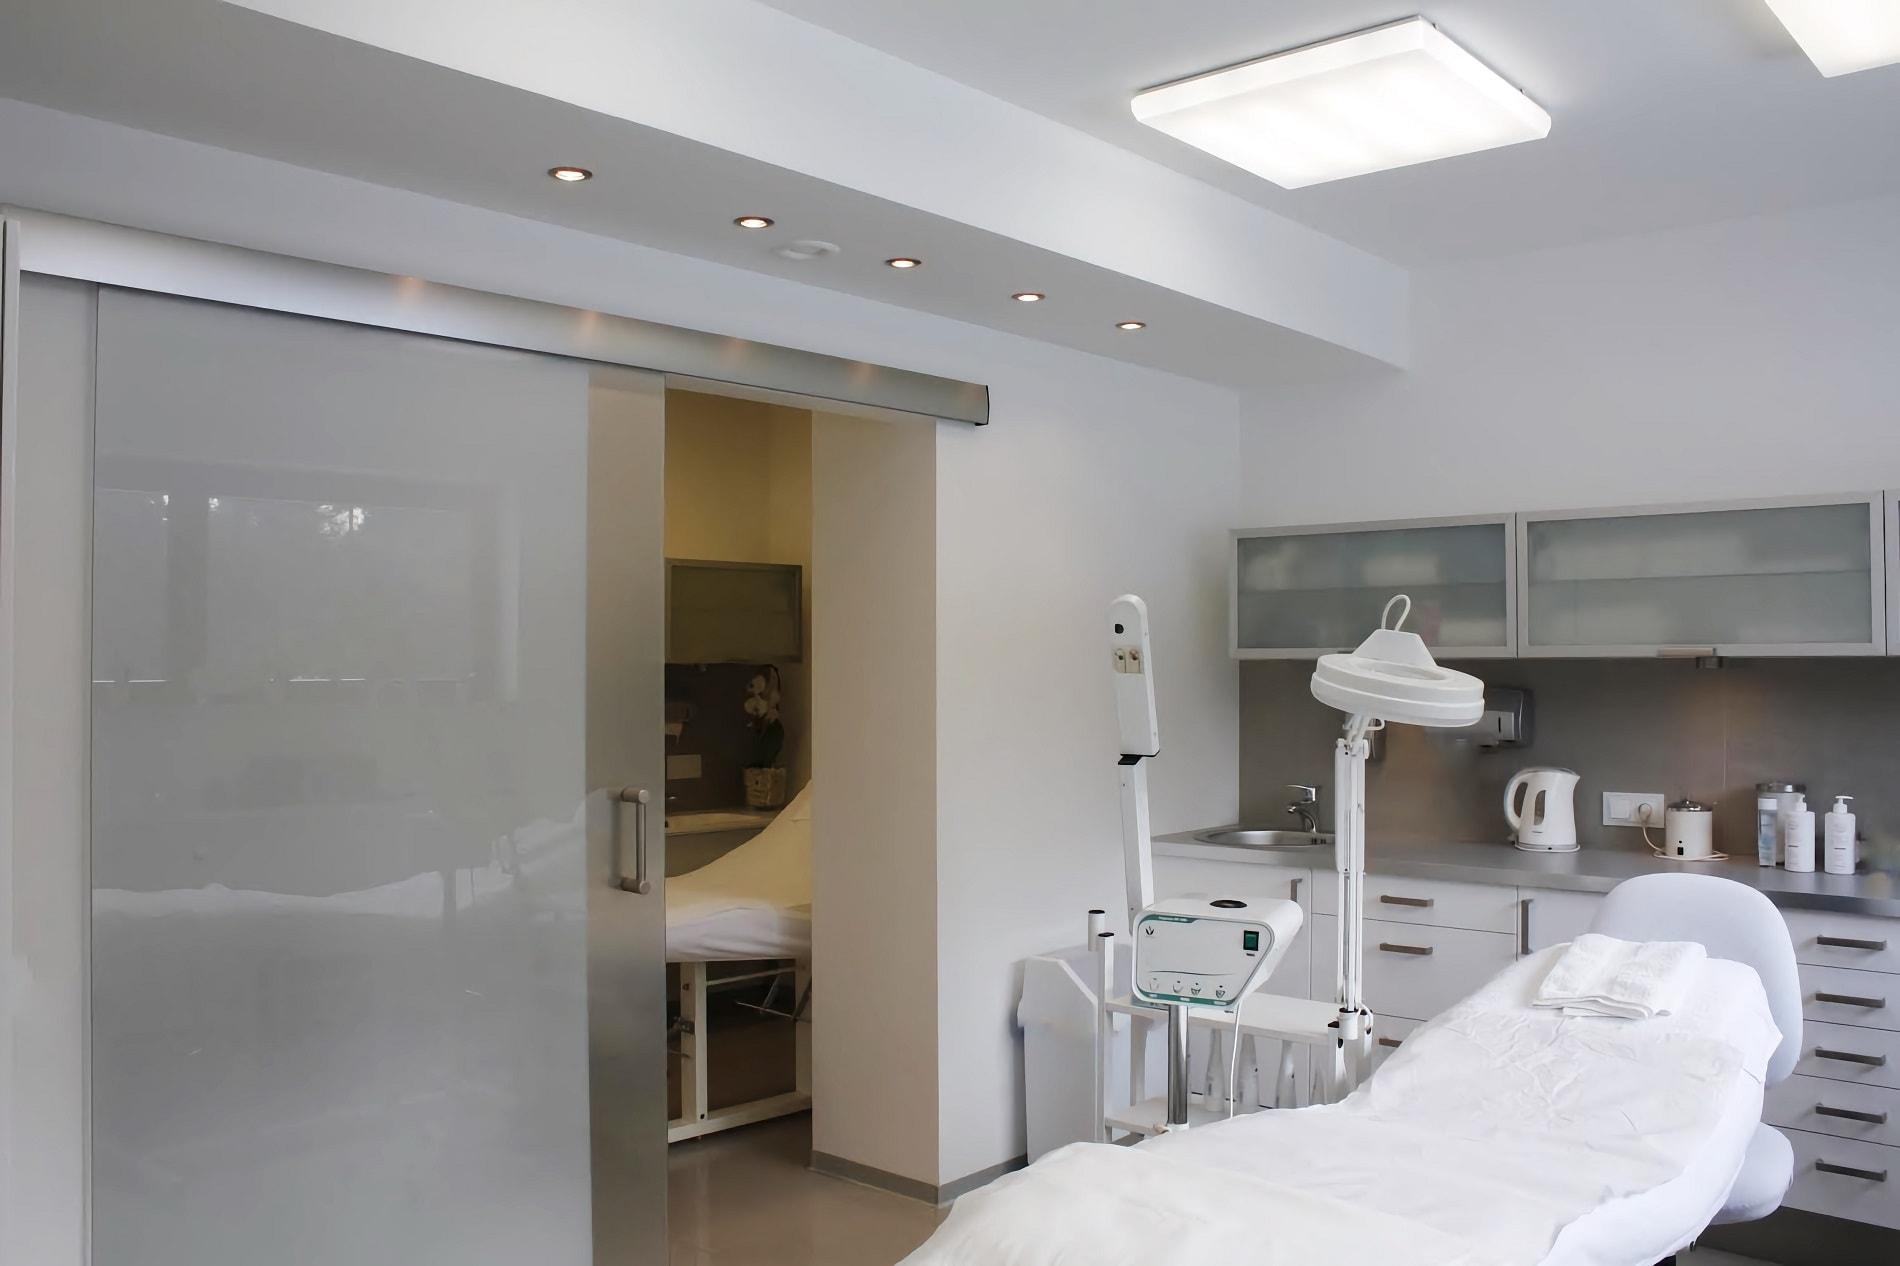 projekt architektoniczny wnętrza Gabinet Dermatologii Estetycznej Evaderm - projektowanie wnętrz Prima Wrocław